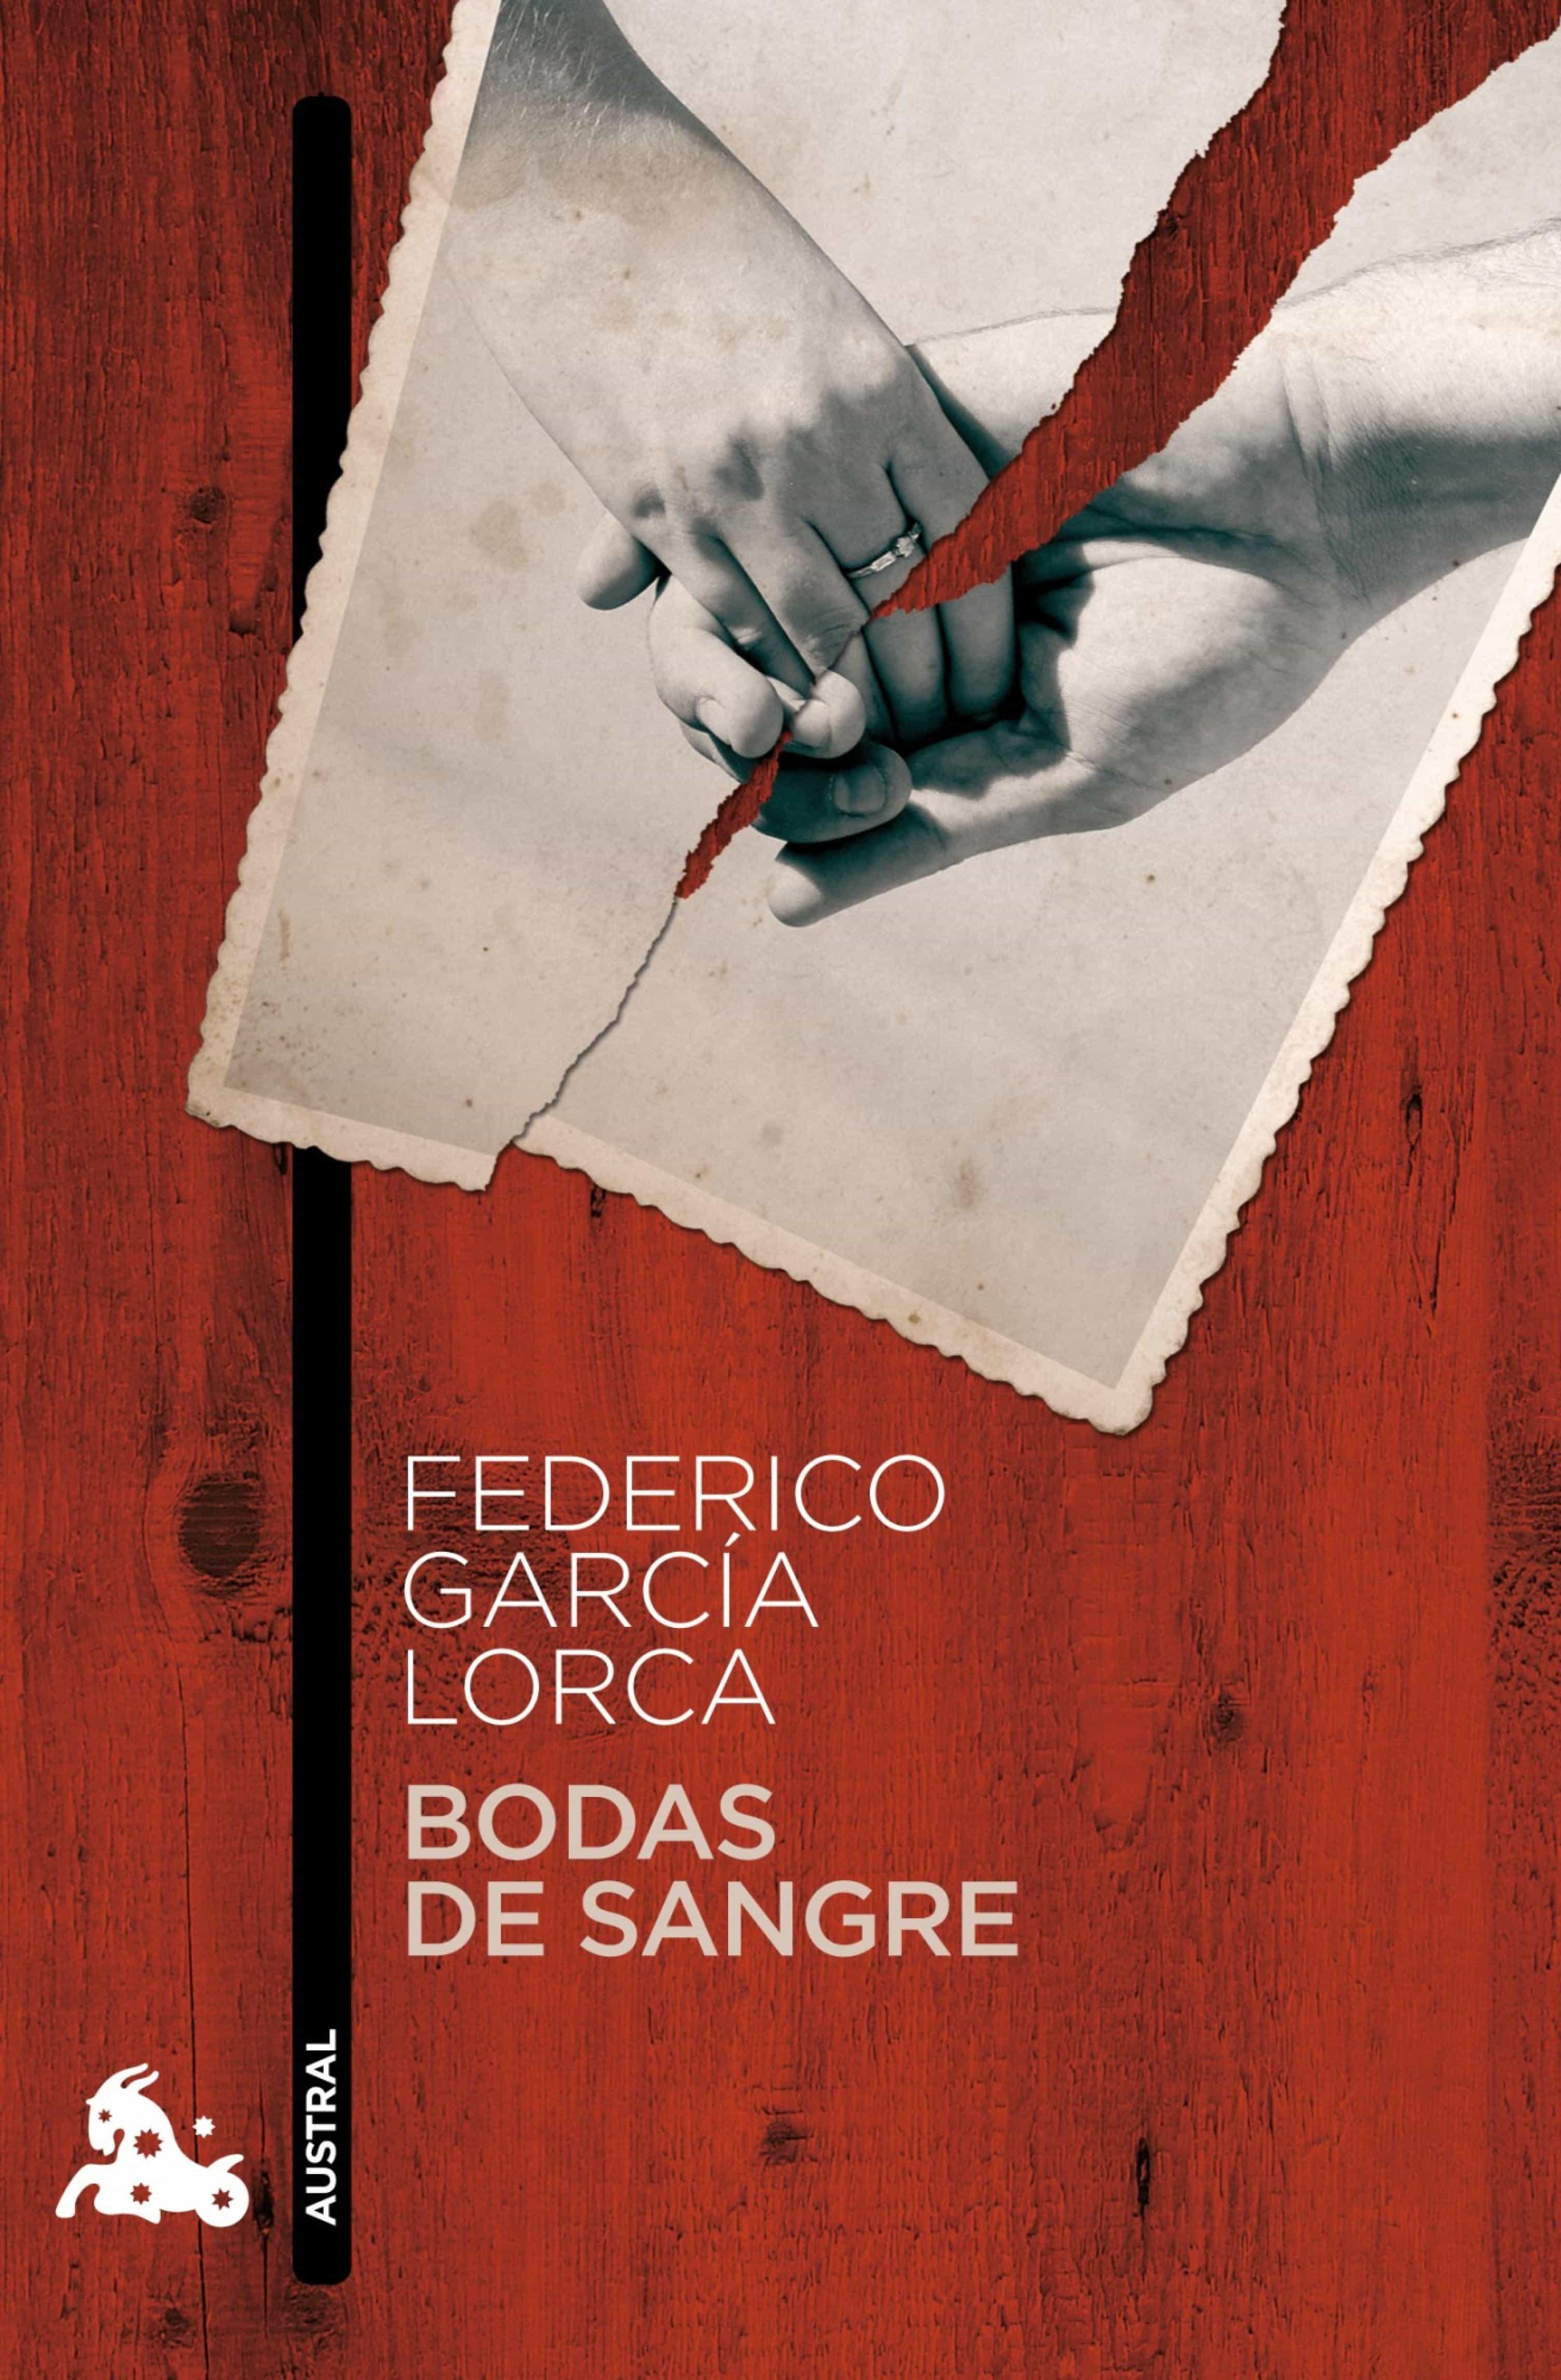 bodas de sangre (ebook),federico garcia lorca,9788467045024